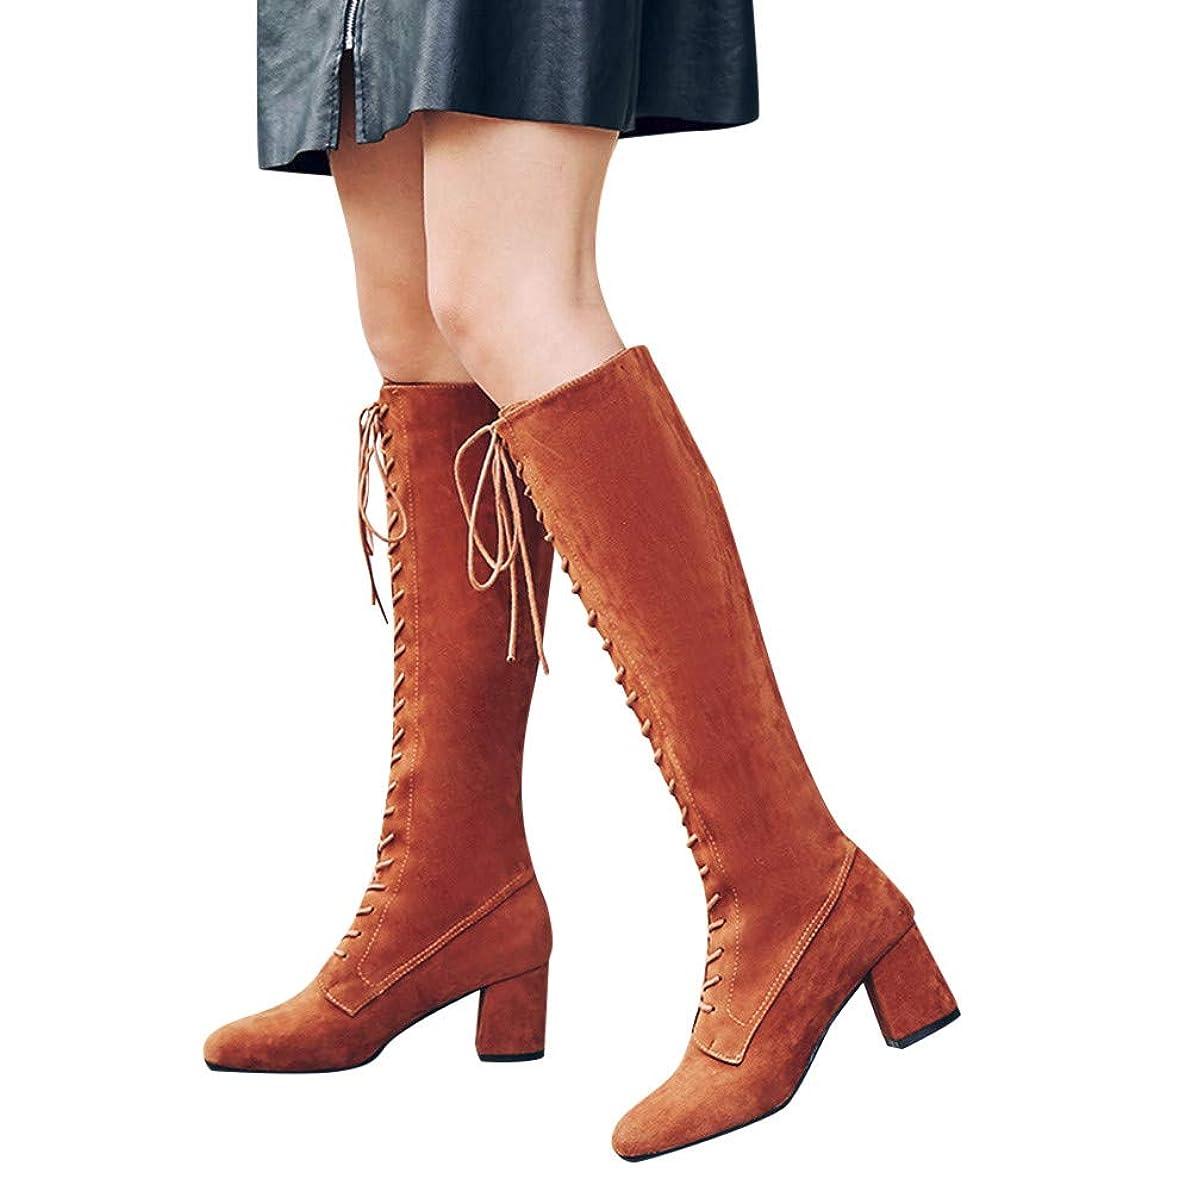 ちょうつがい傾向があるワイド[ブーツ] レディース wileqep 春秋冬 スノーブーツ ロングブーツ マーチンブーツ ショートブーツ 編み上げ ジッパー レースアップ 編み上げ 大きいサイズ プラッシュ 美脚 コスプレ 痛くない 靴 スクエアヒール カジュアル 人気 可愛い 歩きやすい